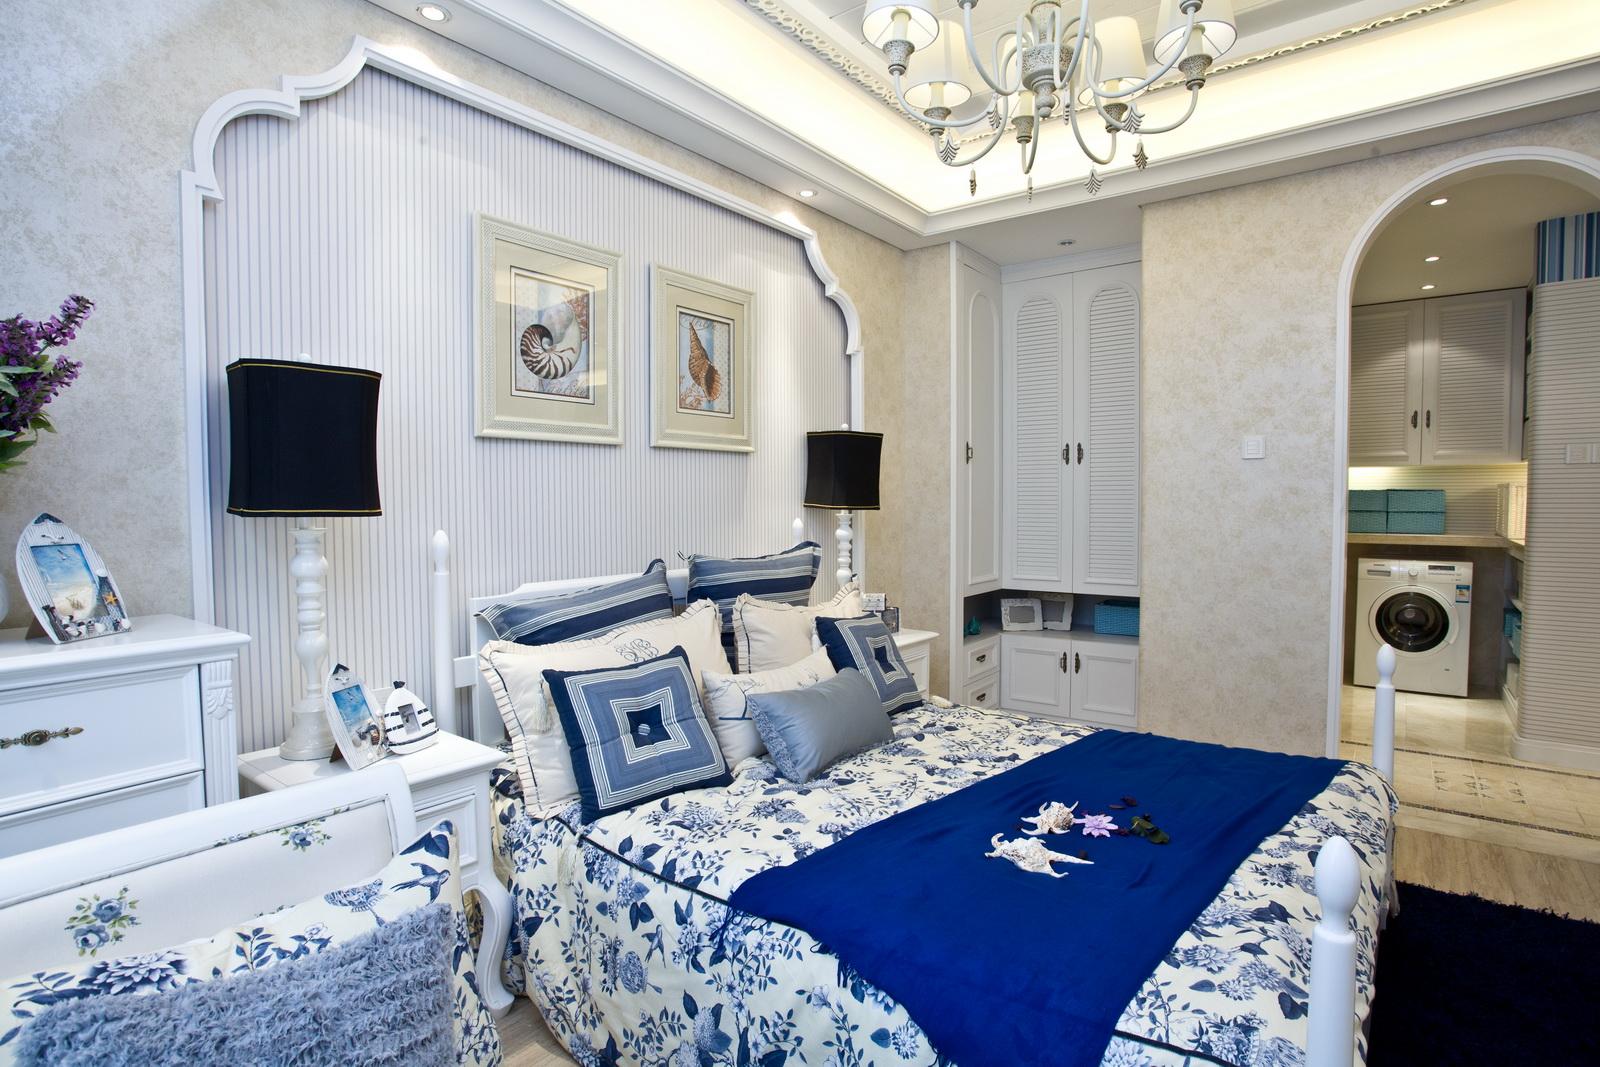 主卧室在设计上大片采用蓝色调,且用木质面板包装,清爽、自然。